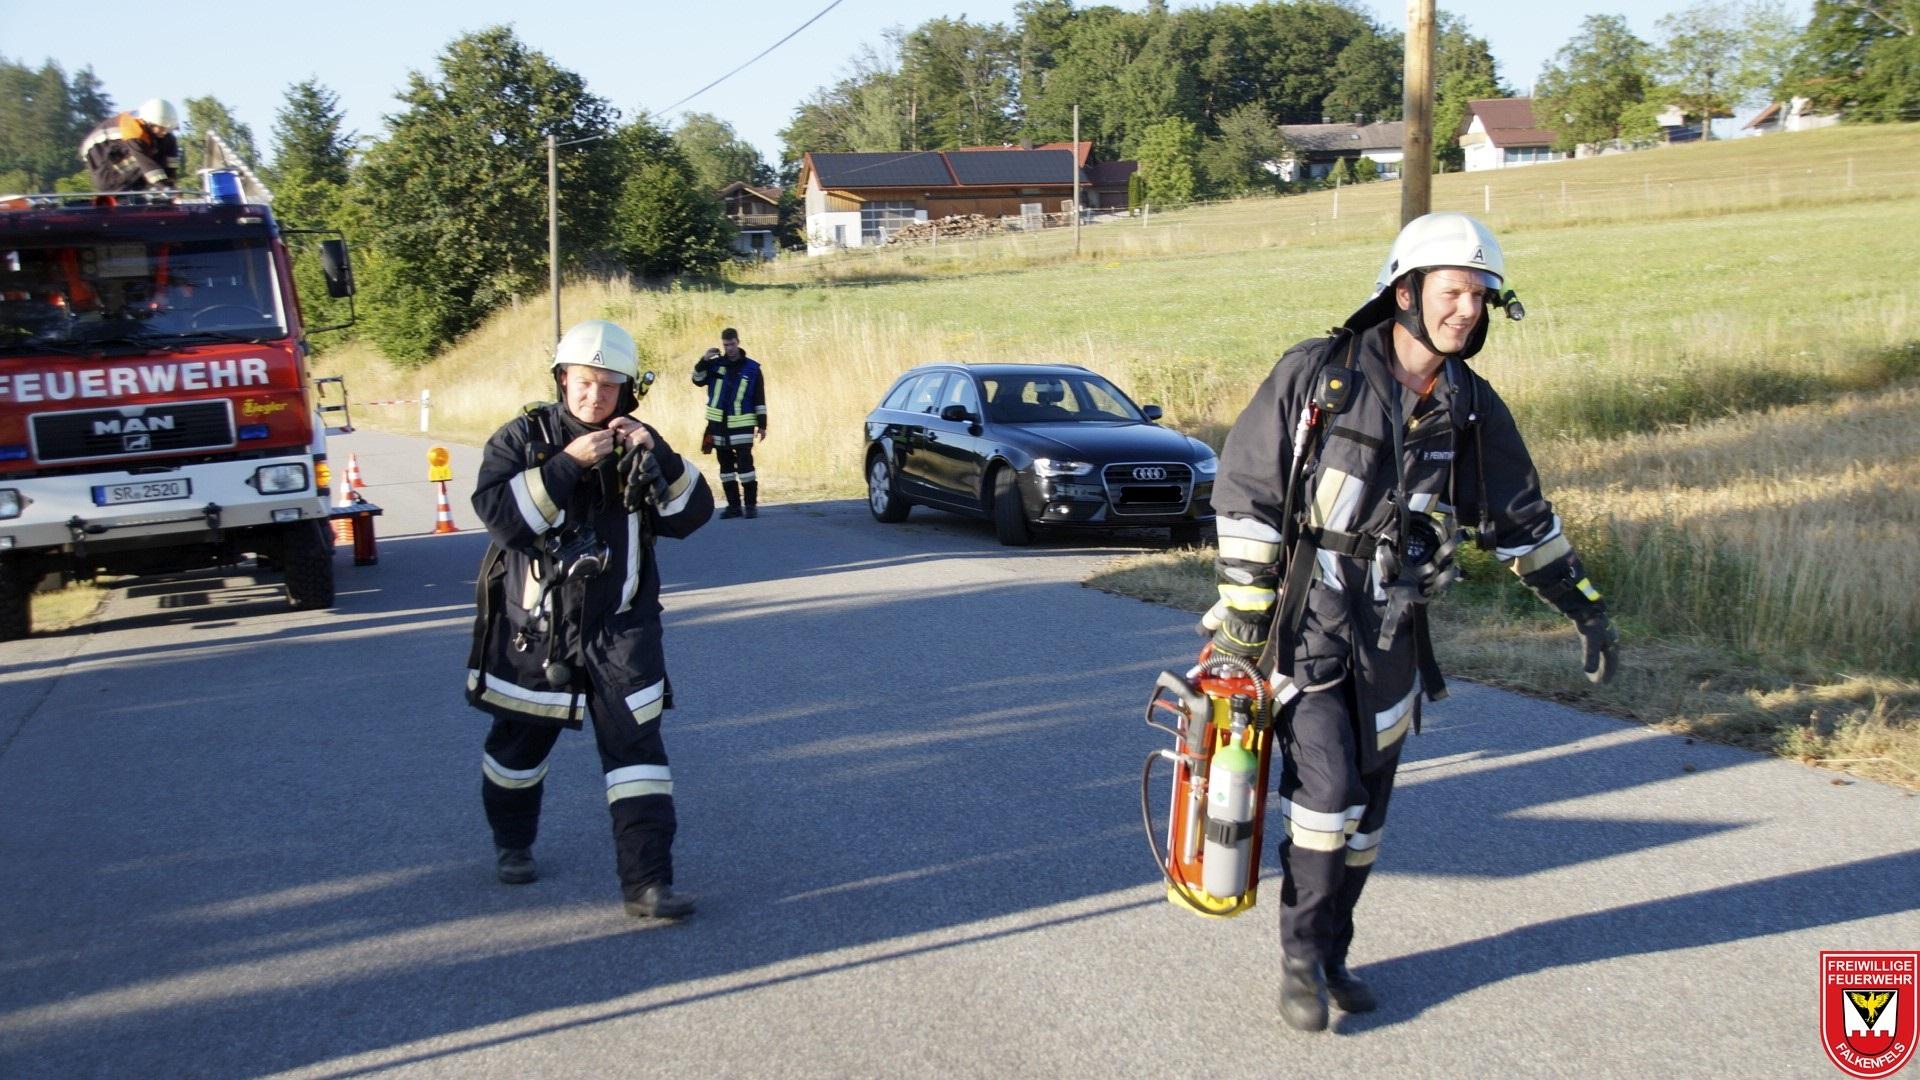 Brandschutz sicherstellen